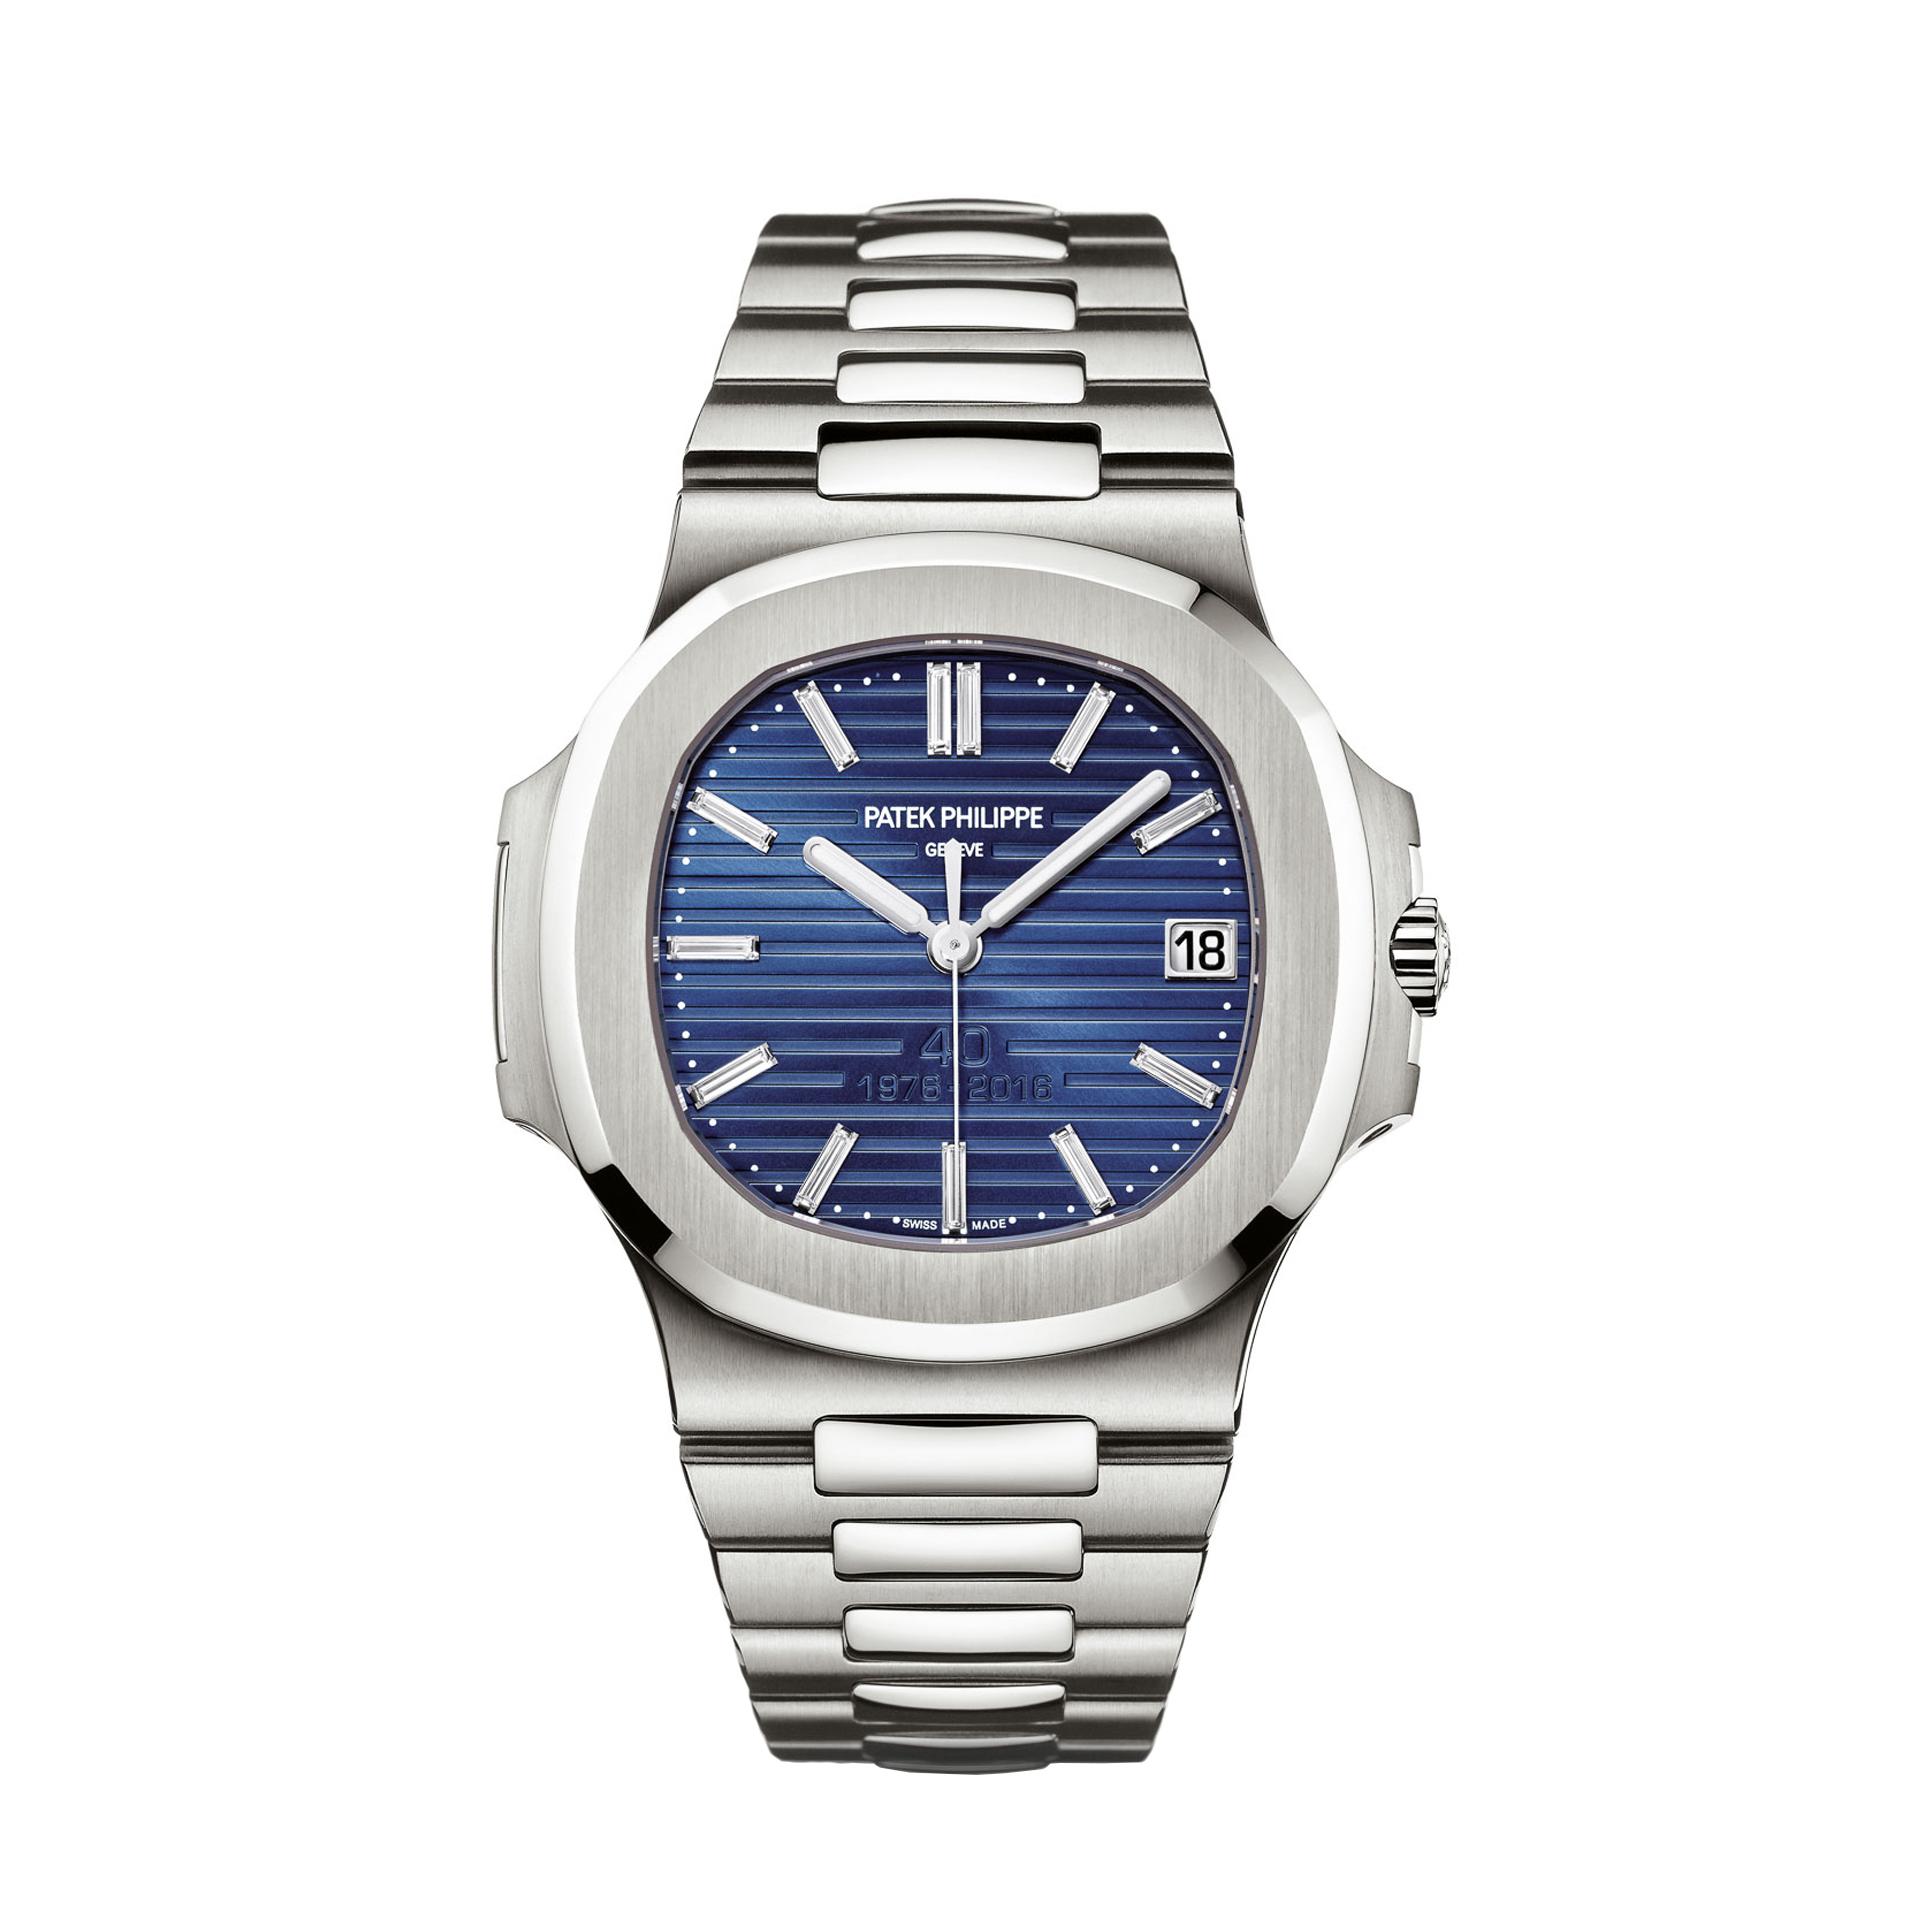 Patek philippe nautilus ref 5711 1p 40th anniversary your watch hub for Patek philippe nautilus